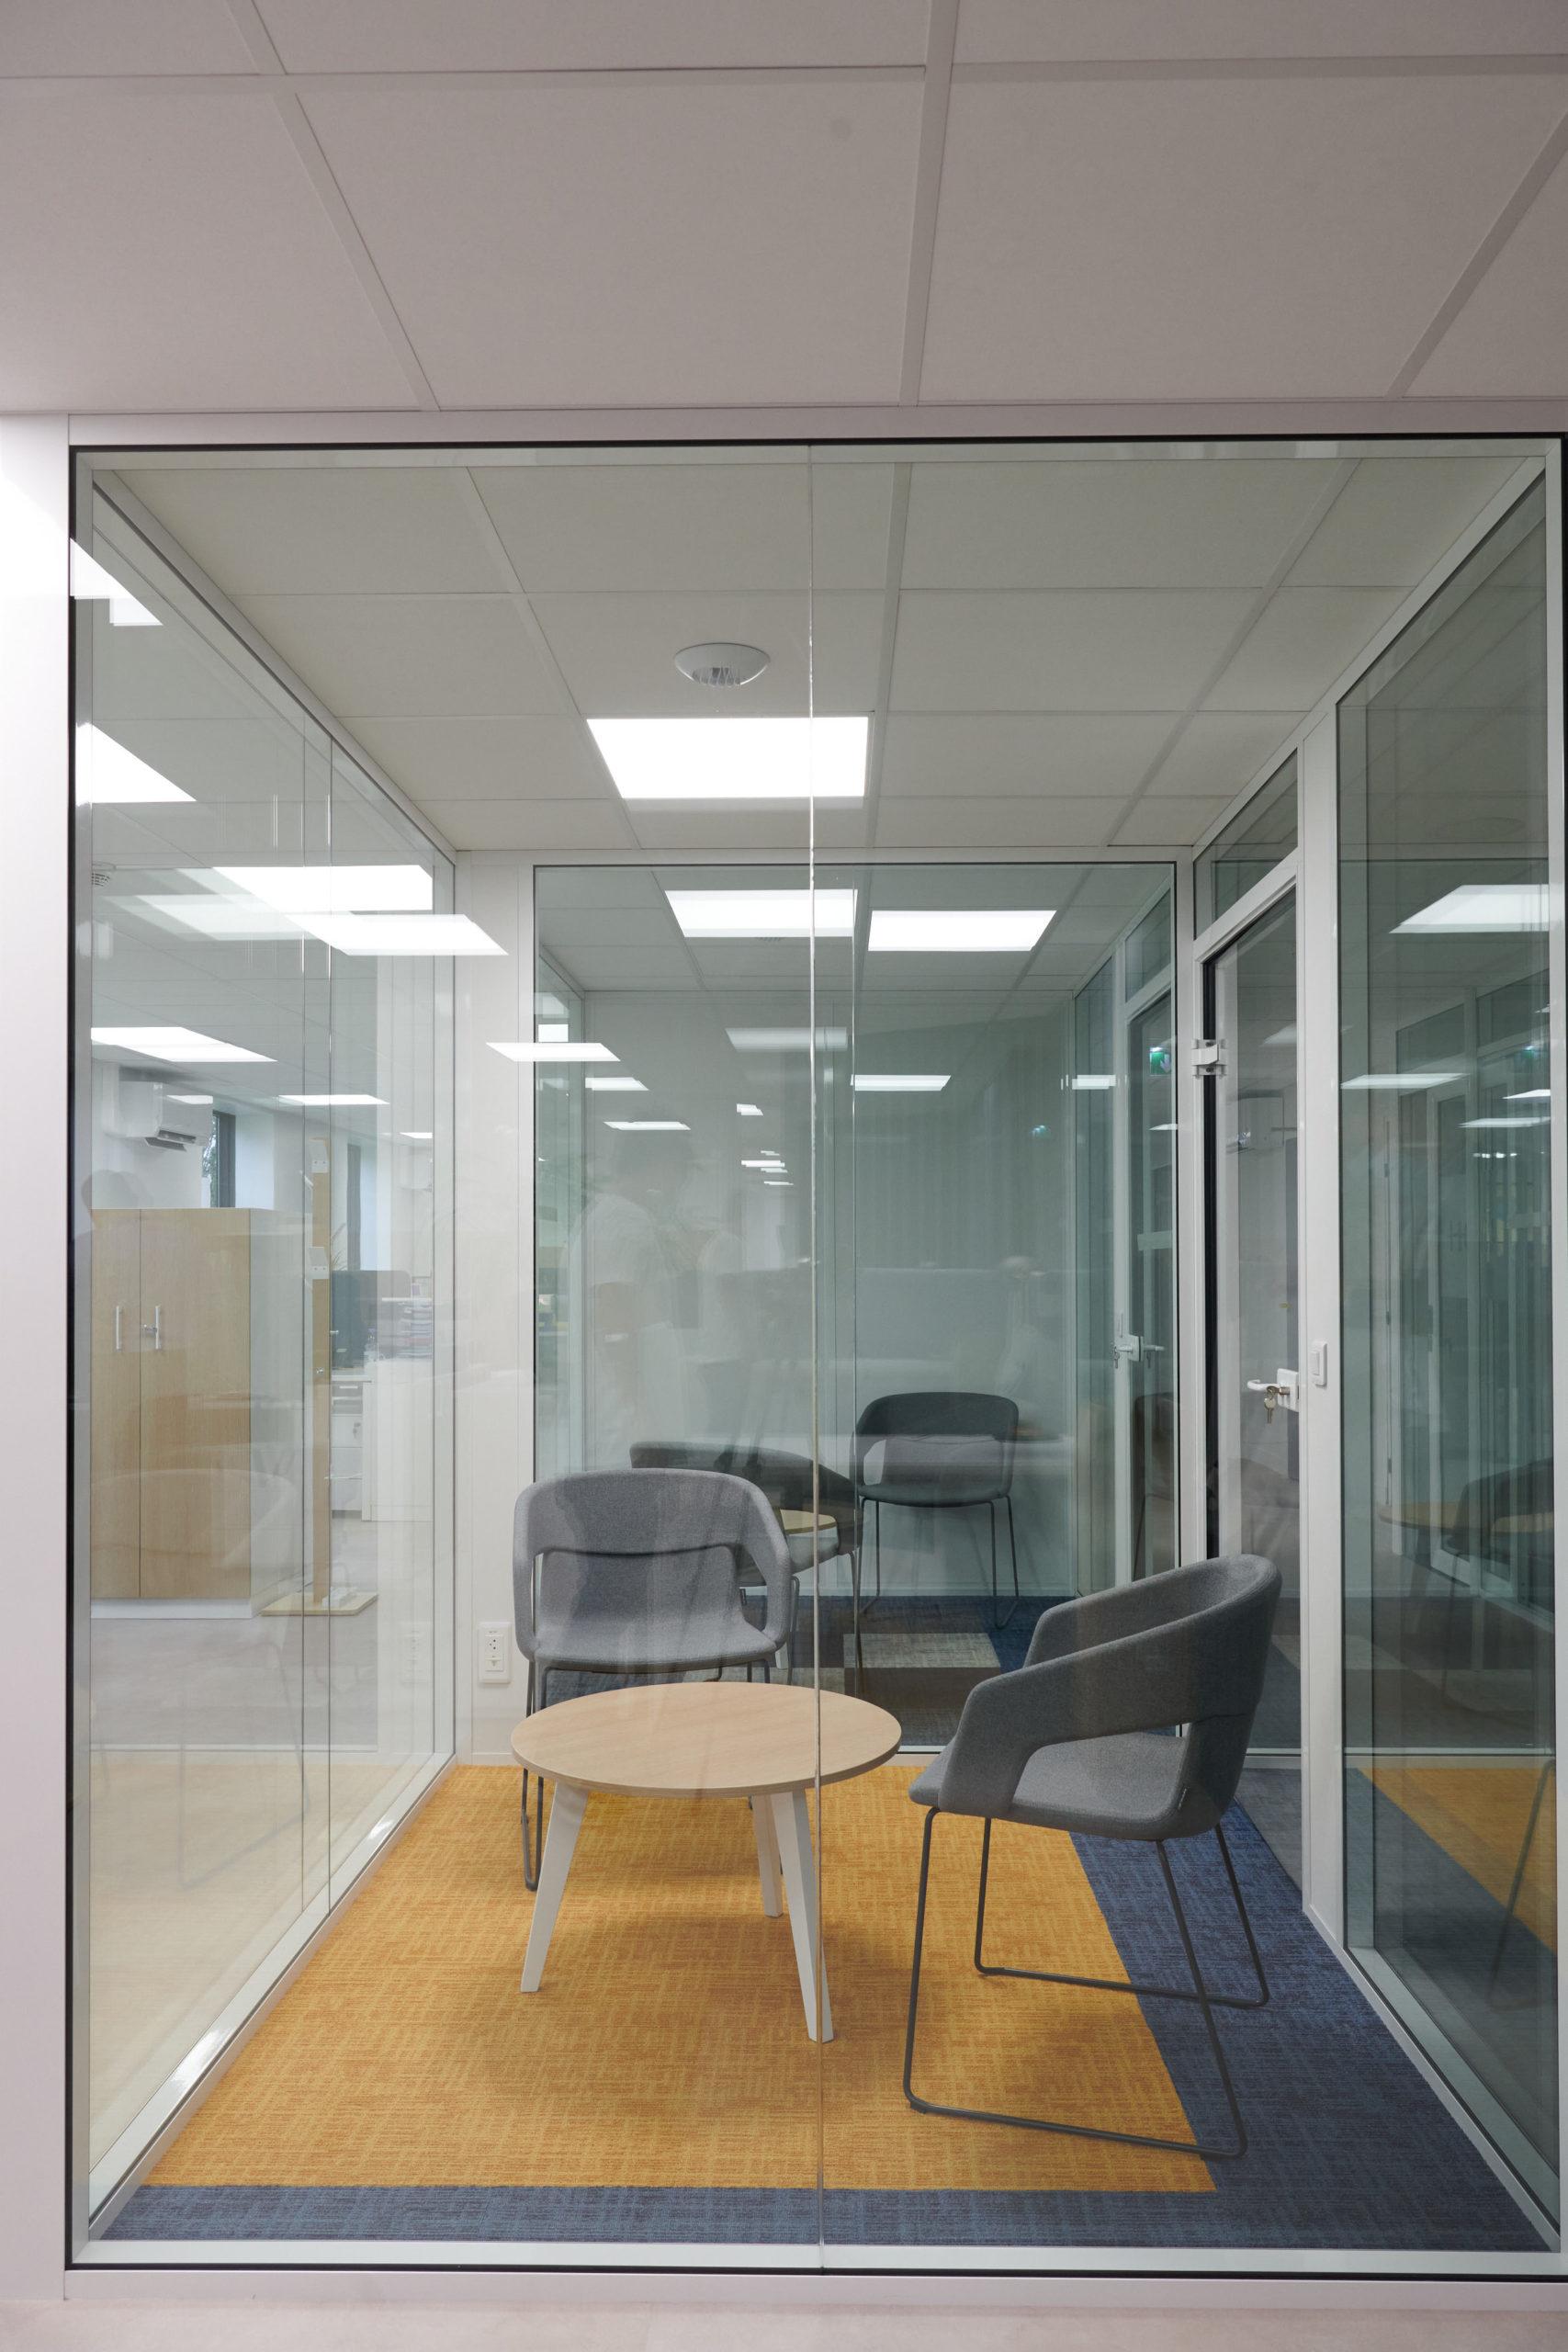 Hoya-espace informel-table basse-fauteuil-cloison en verre